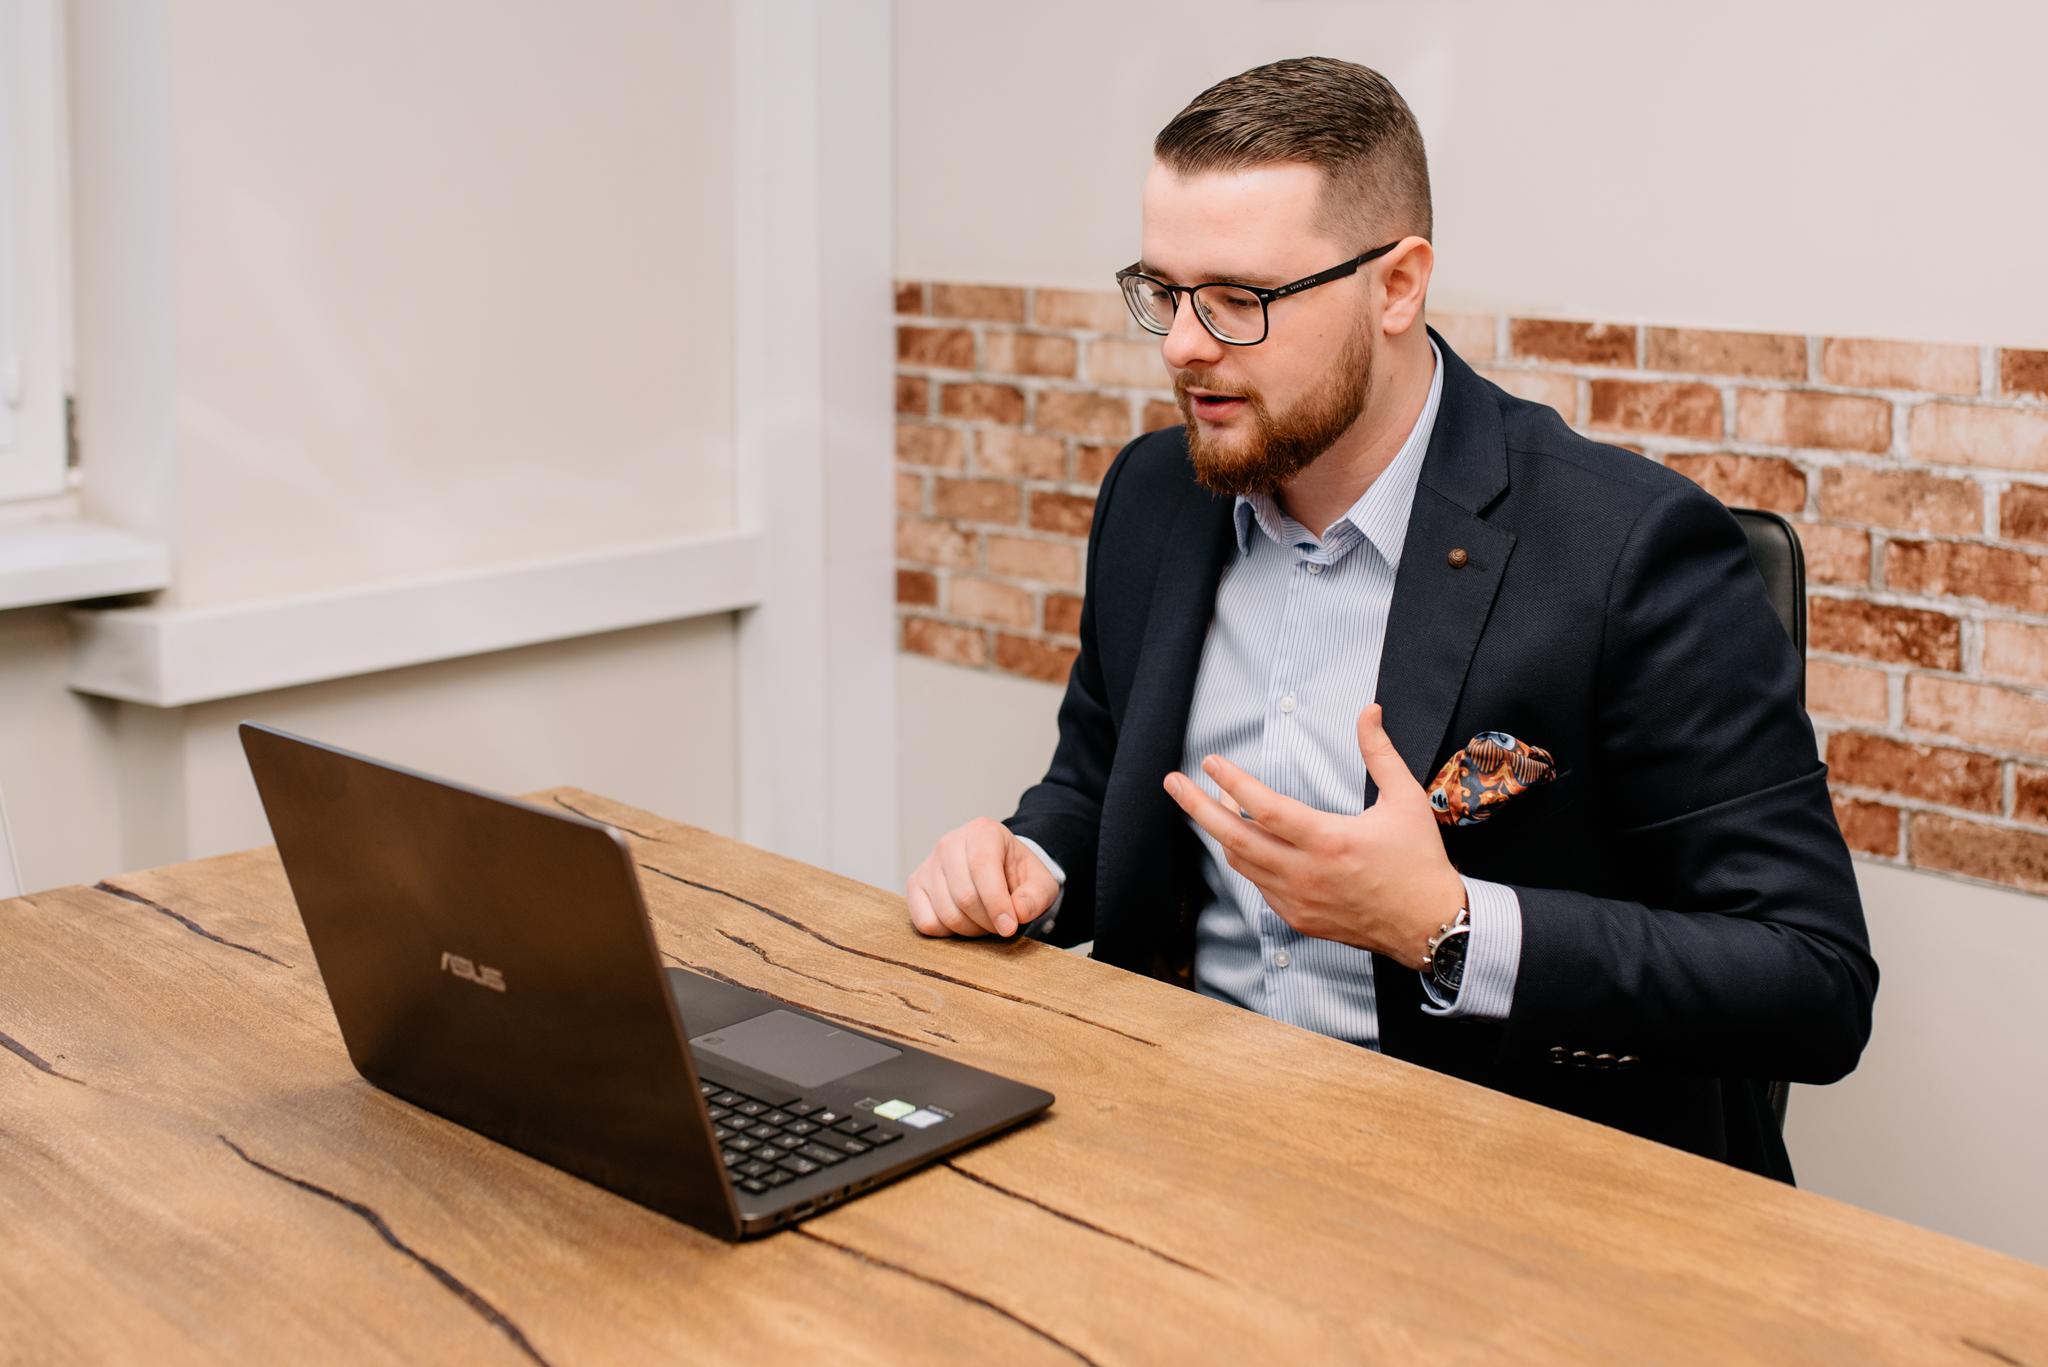 Wystąpienia online – pięć ważnych wskazówek